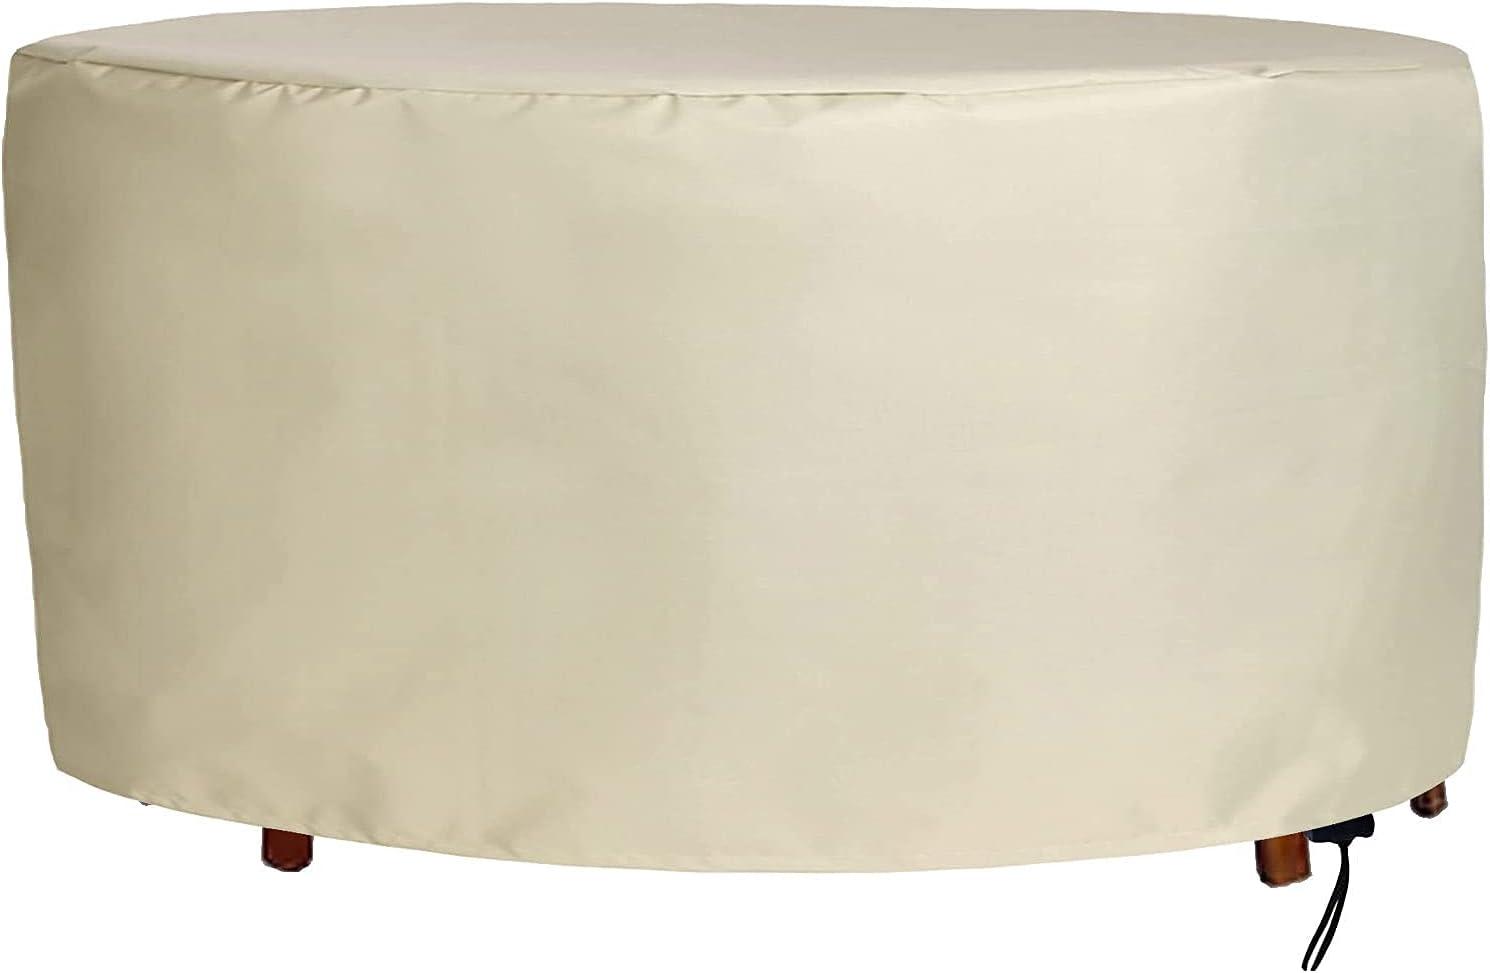 BKPH Cubierta para Muebles de Jardín, Redonda Funda Muebles Exterior,420D Resistente Tela Oxford,Exterior Patio Mesa de Comedor Silla Funda Antipolvo,Impermeable,a Prueba de Viento,Anti-UV-(DxH)